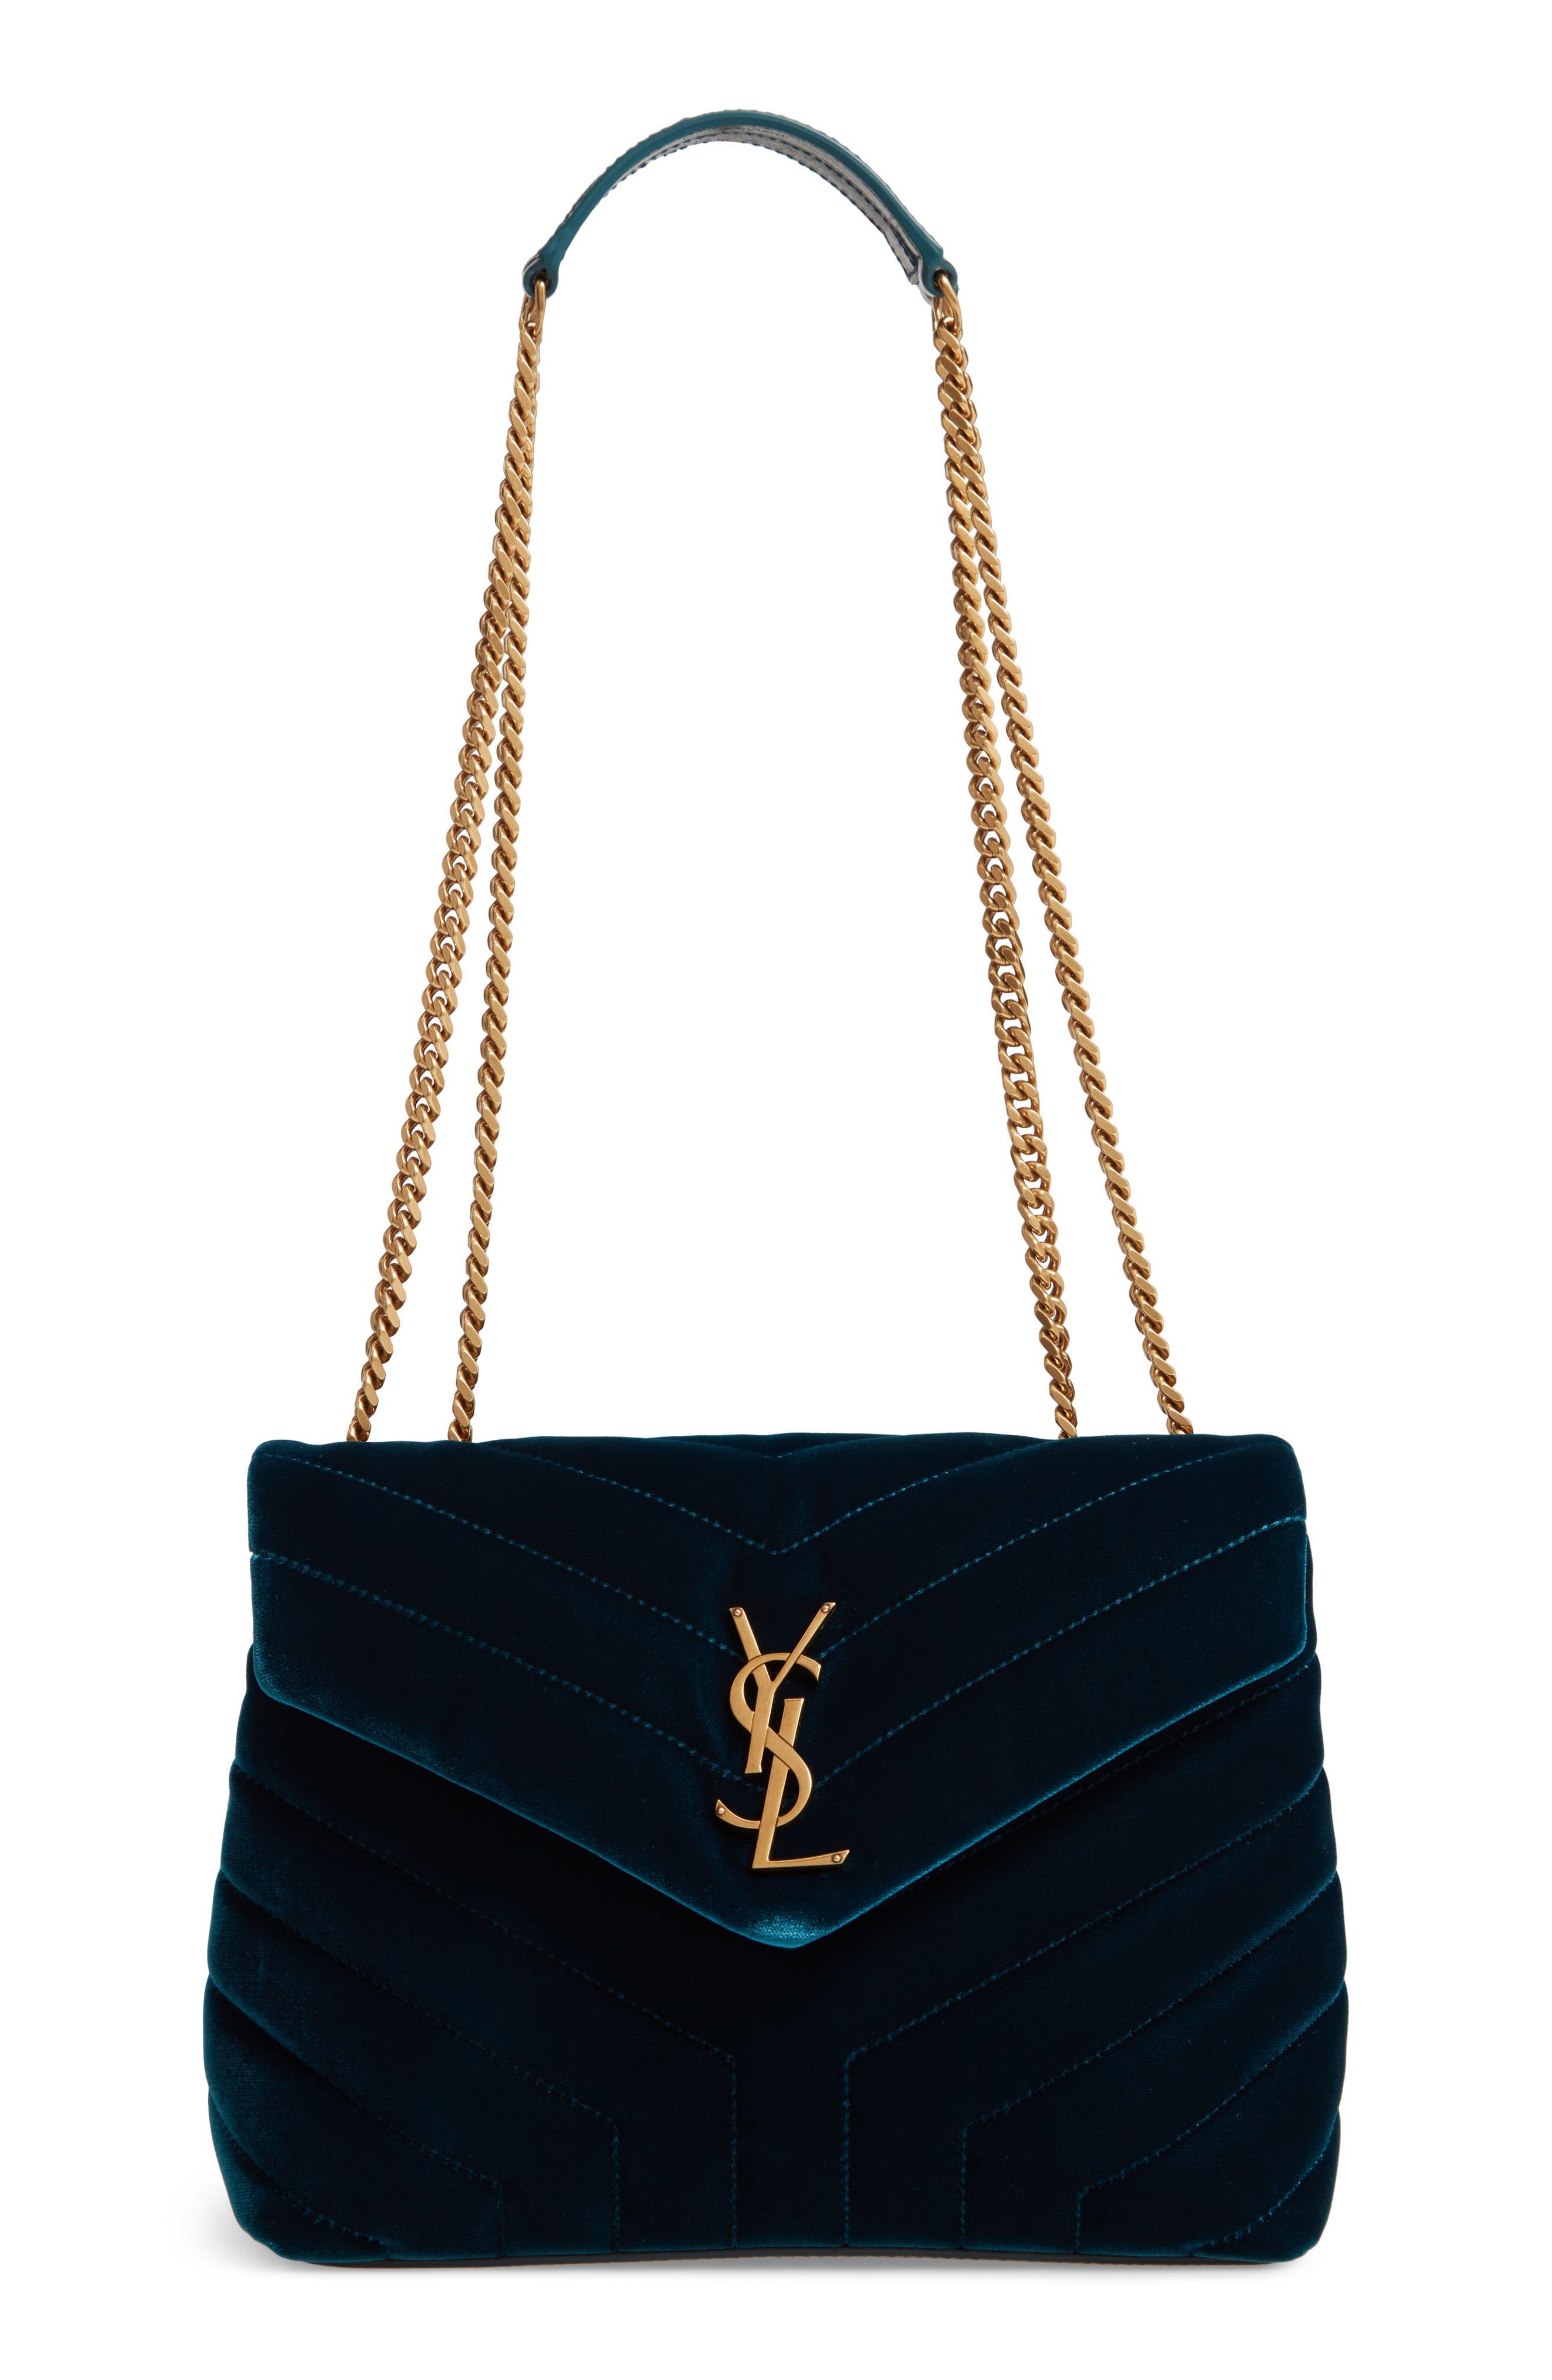 SAINT LAURENT Small Loulou Matelassé Velour Shoulder Bag, Main, color, DARK DEEP SEA/ DARK DEEP SEA